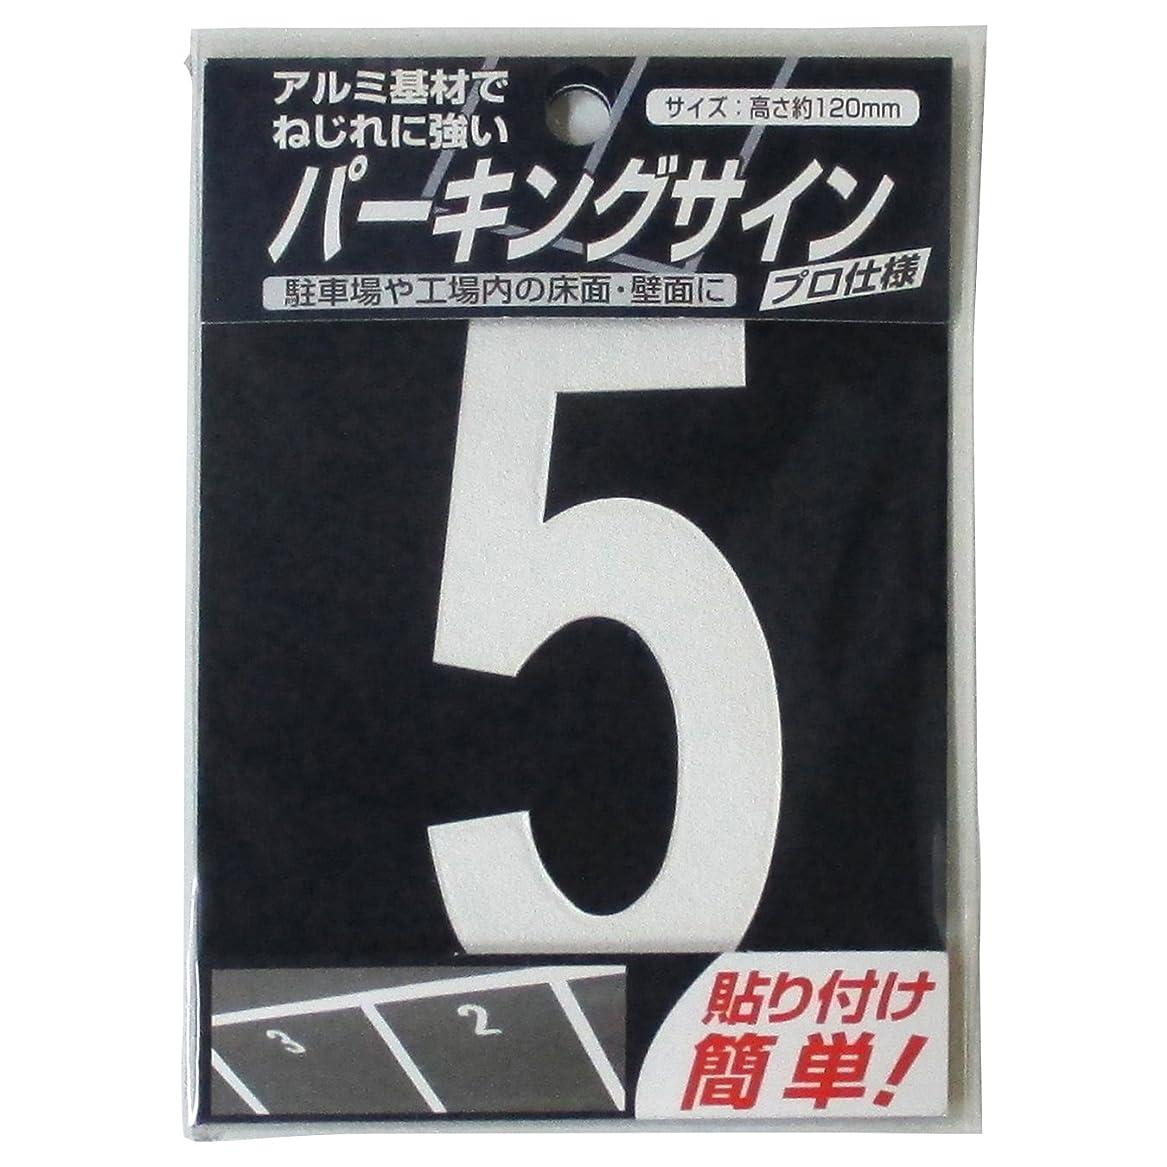 これまで独裁者見込みニッペ パーキングサイン ナンバー (小) 白 5